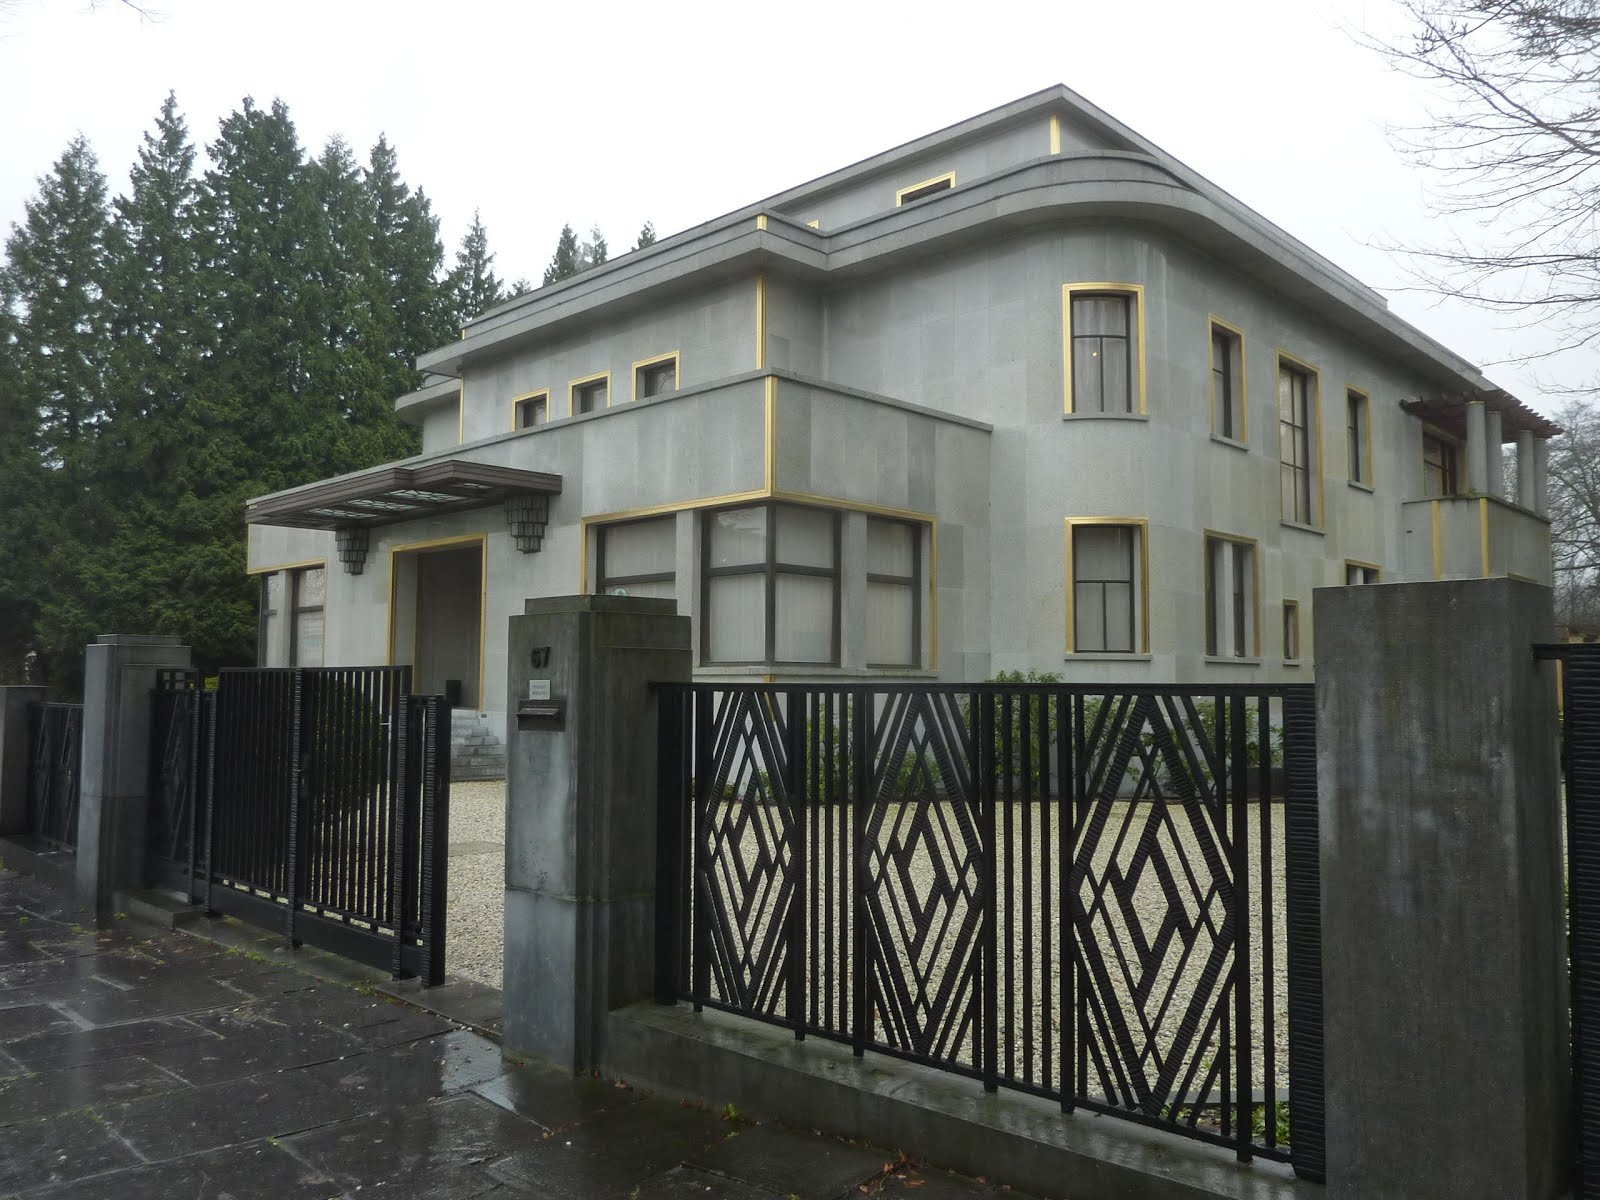 Parisienne buissonni re bruxelles ann es trente la villa for Bois de la chambre bruxelles